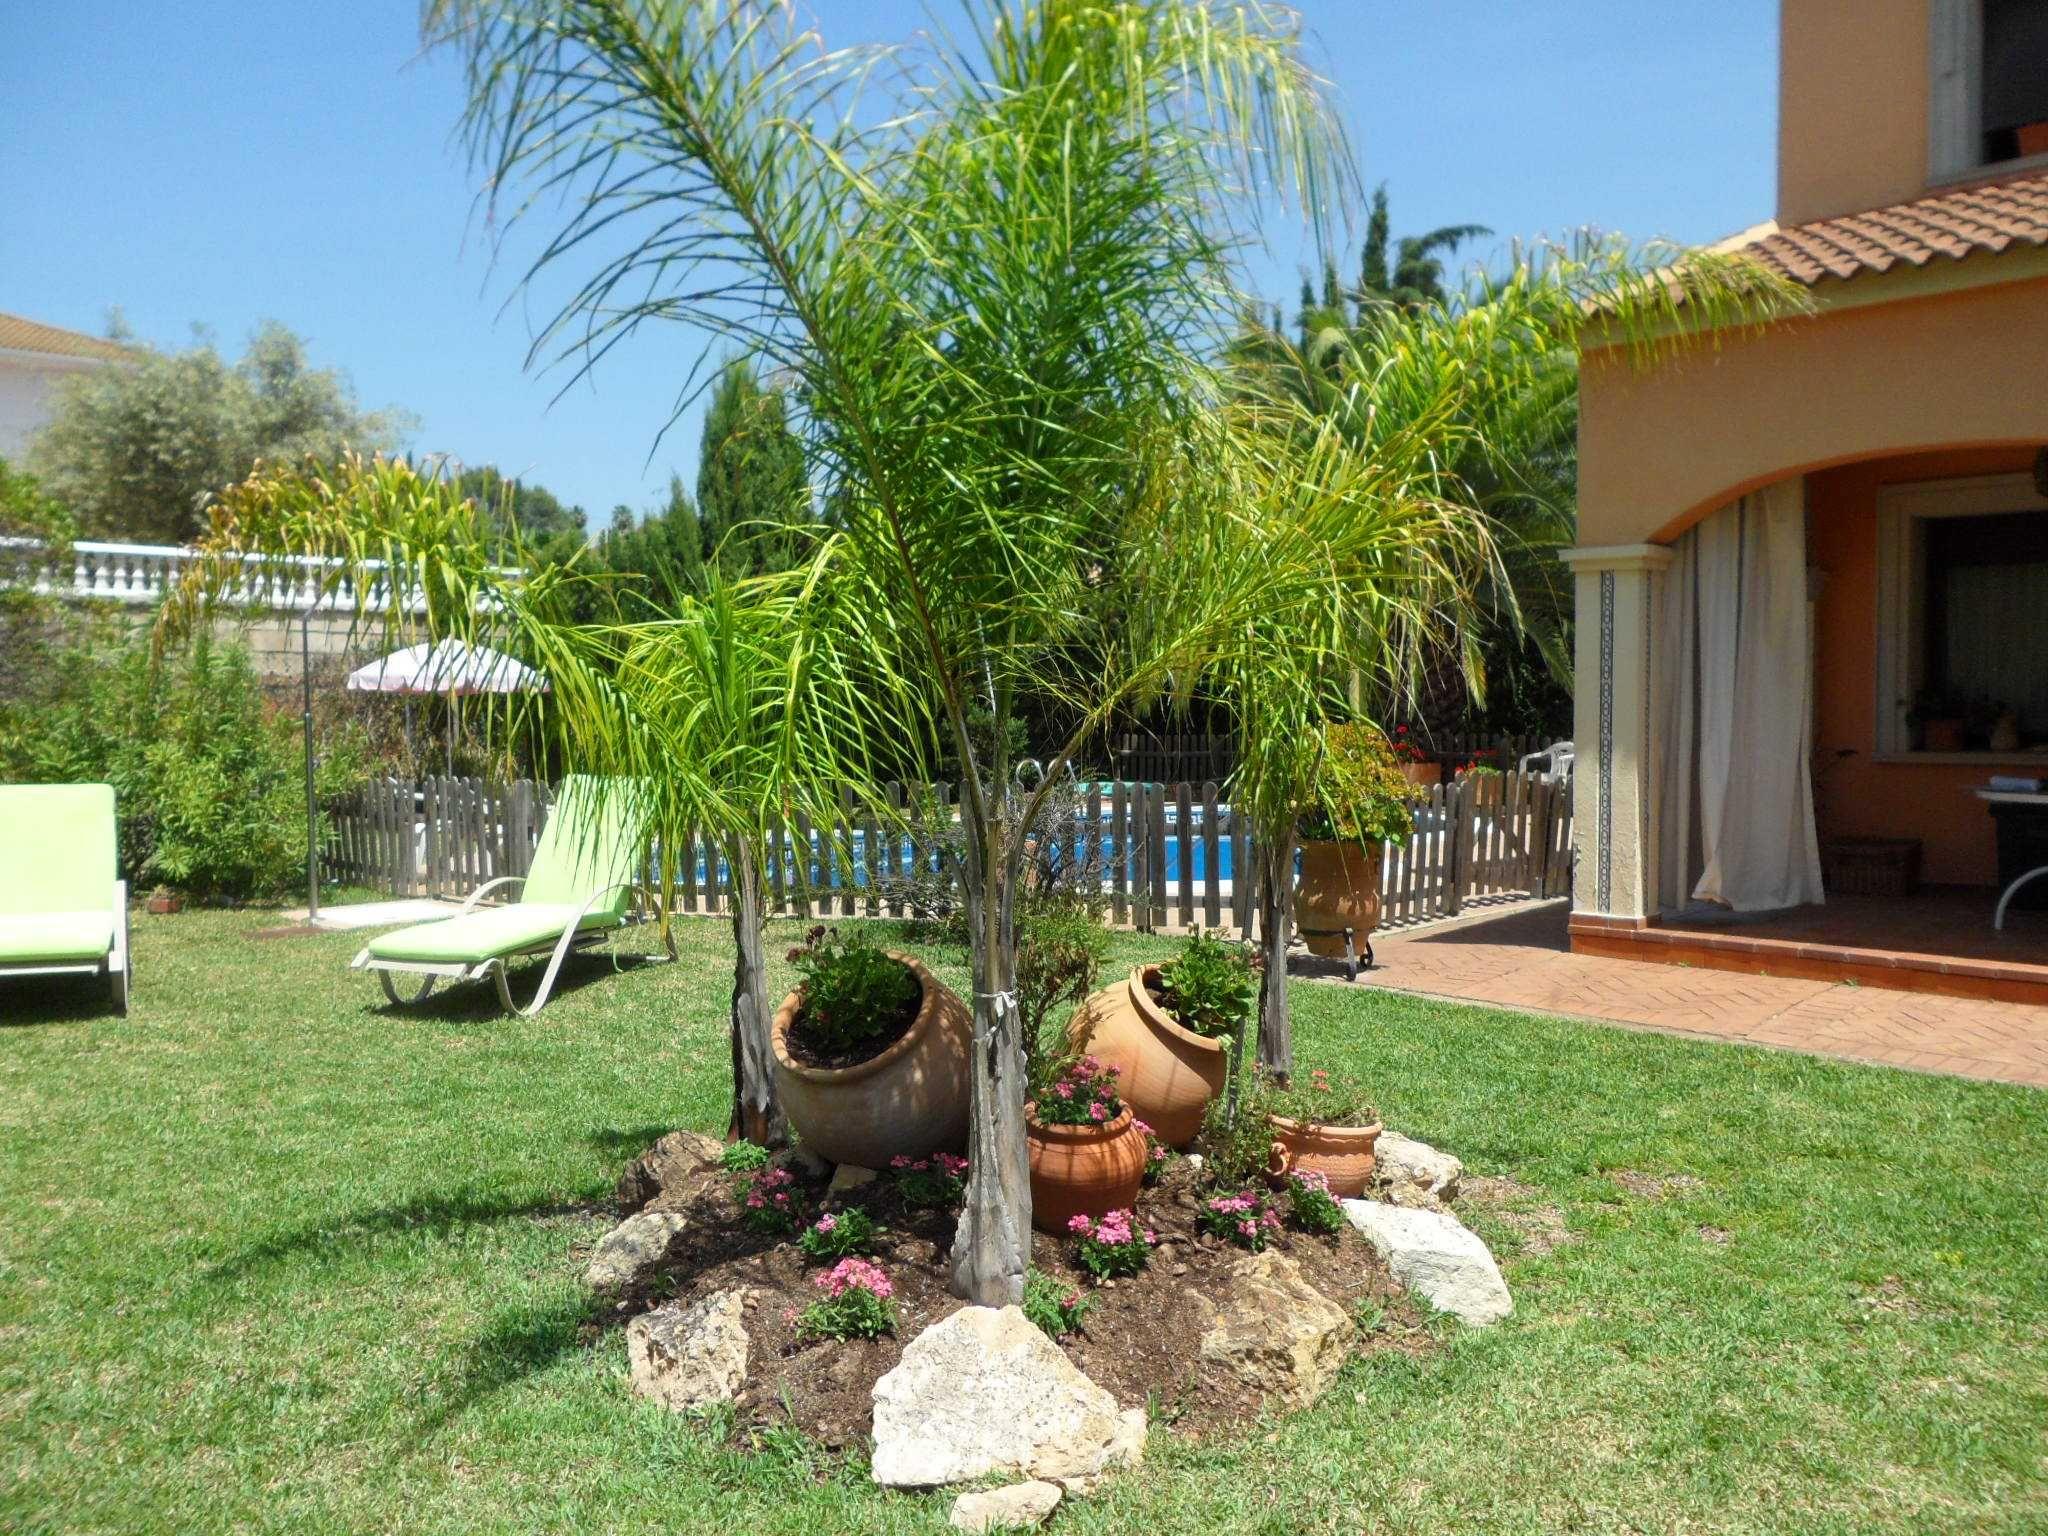 Jardines caseros con encanto ideas modelos bonitos sencillos pequenos para casas sam jardin - Jardines bonitos y sencillos ...